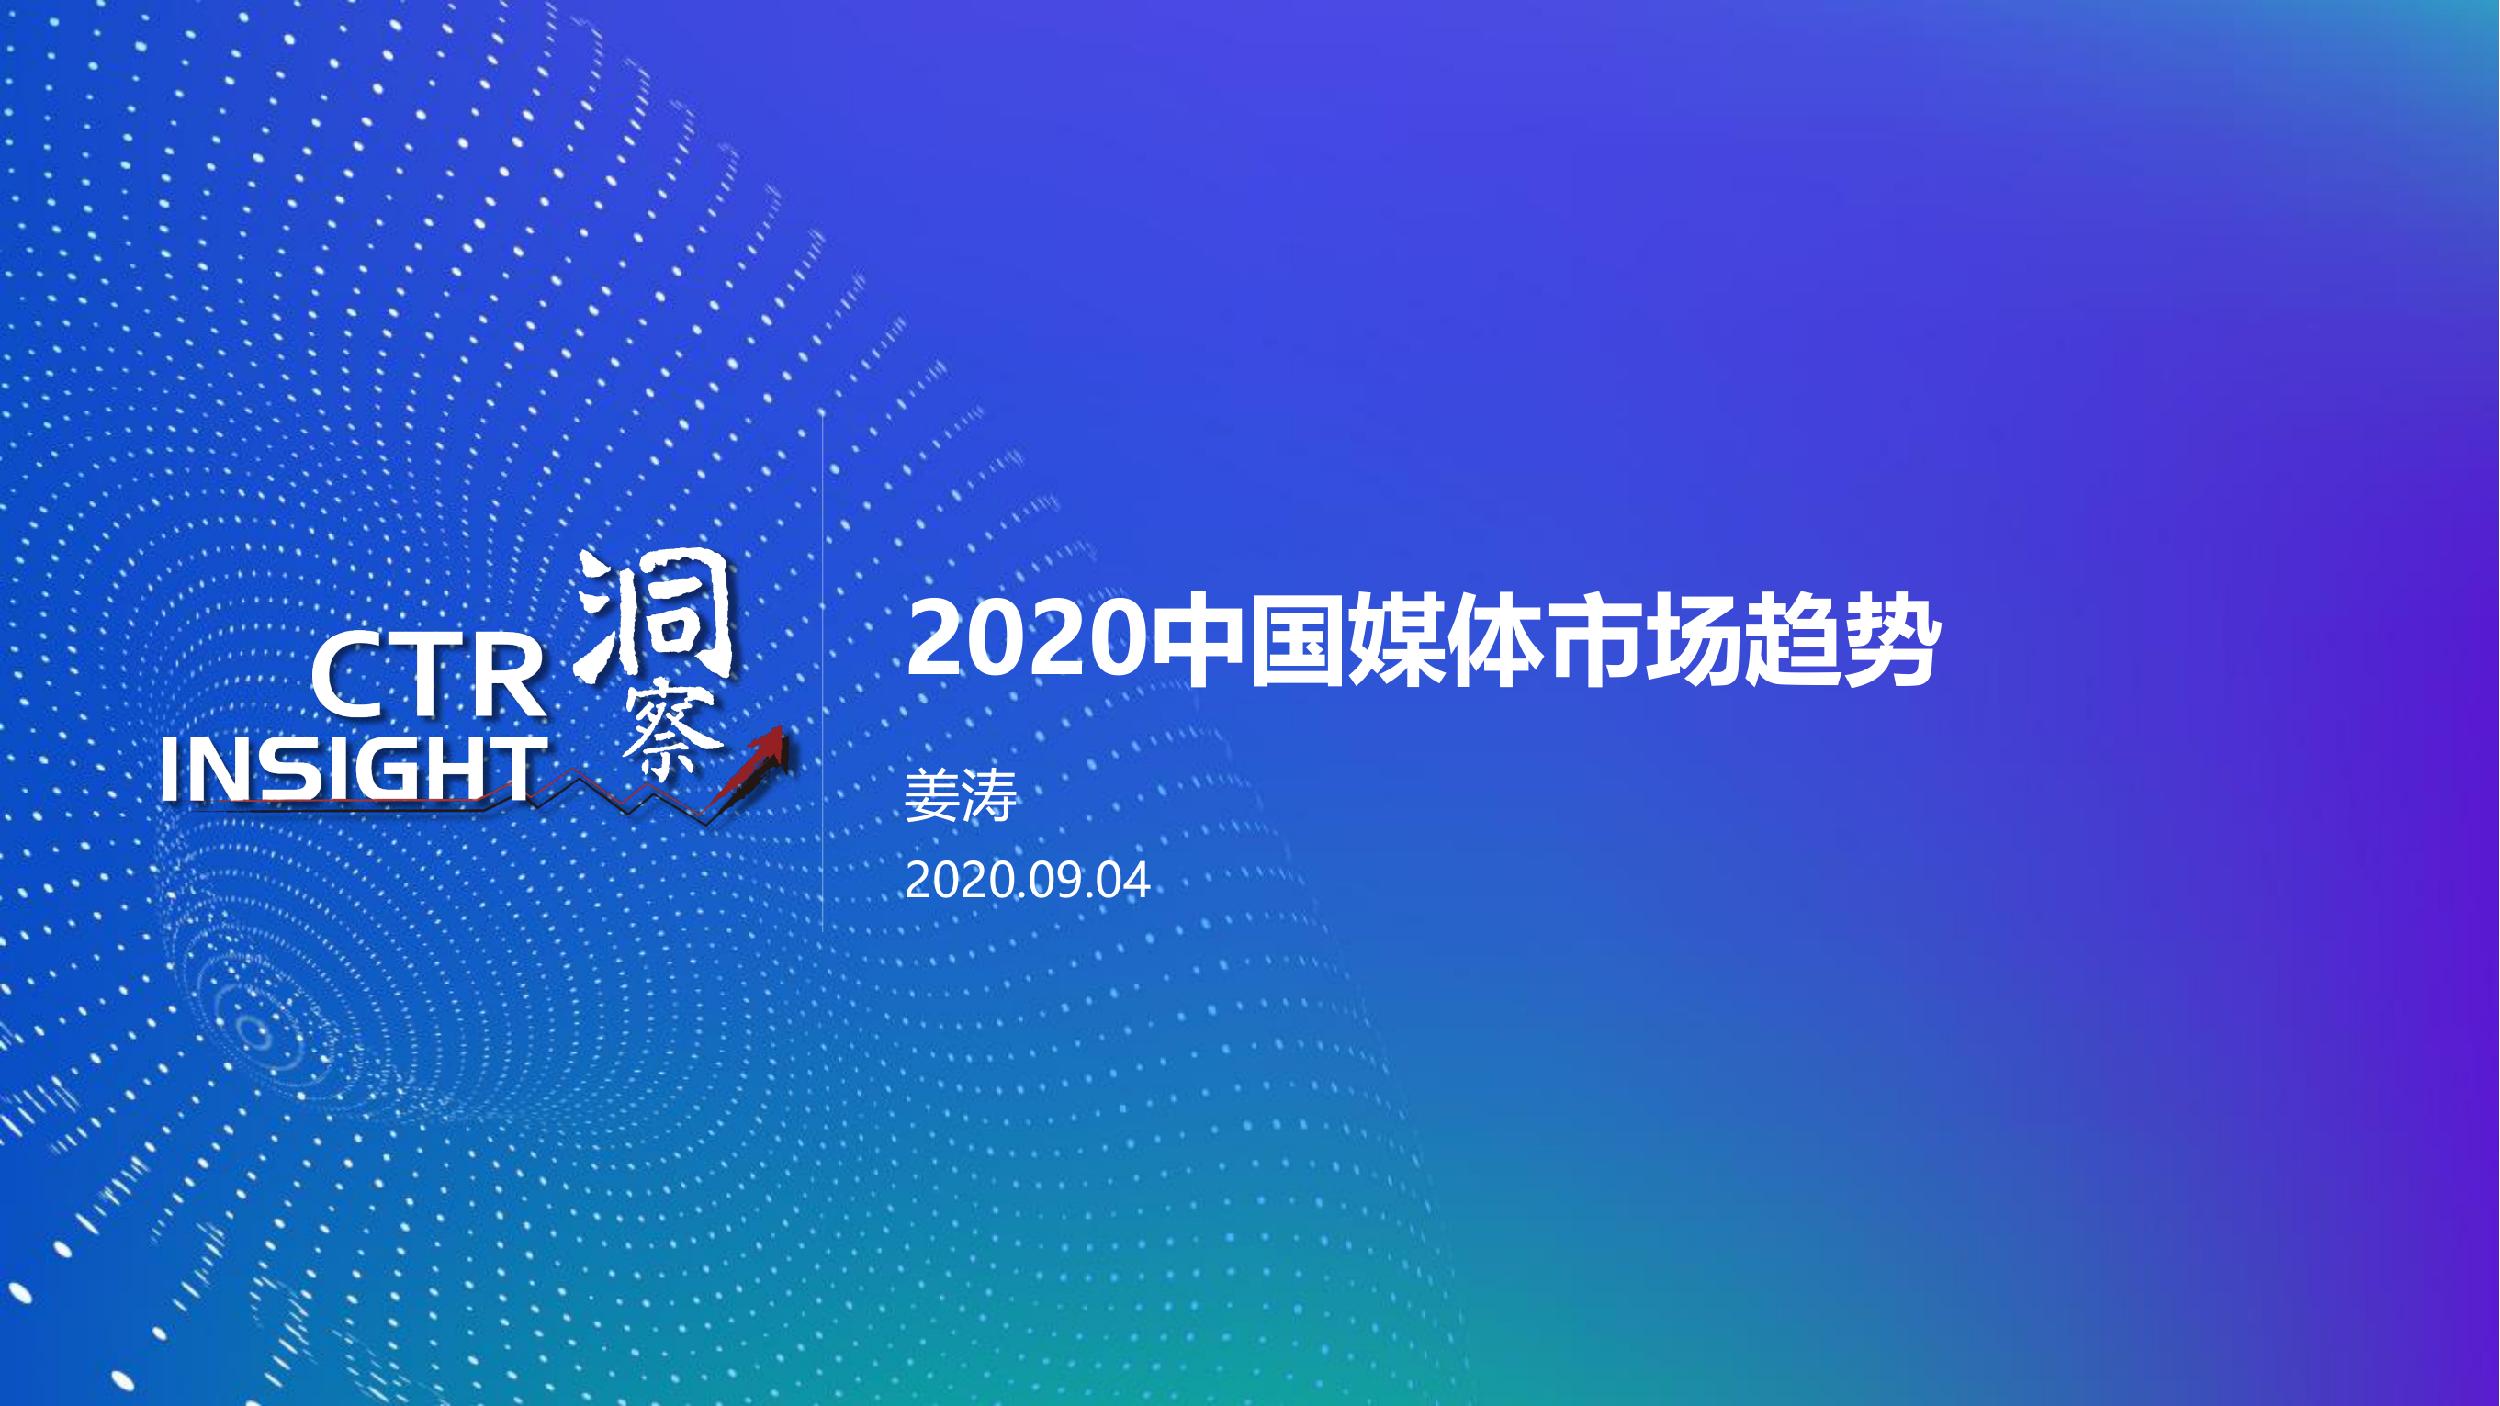 2020中国媒体市场趋势报告